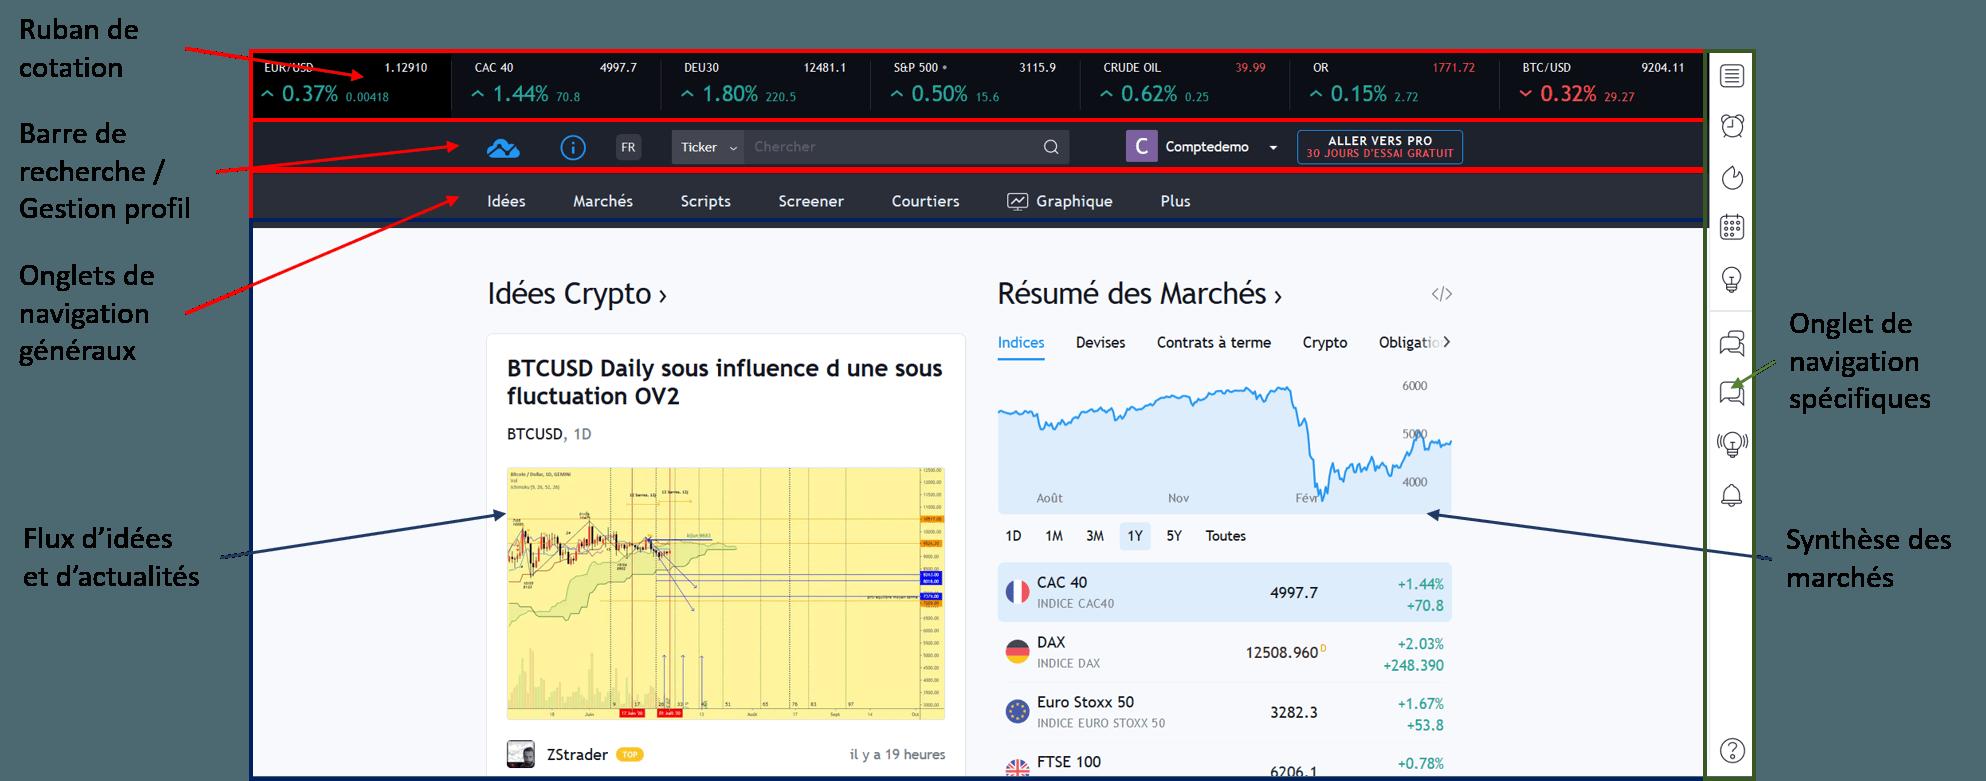 Page d'accueil de Tradingview en étant inscrit